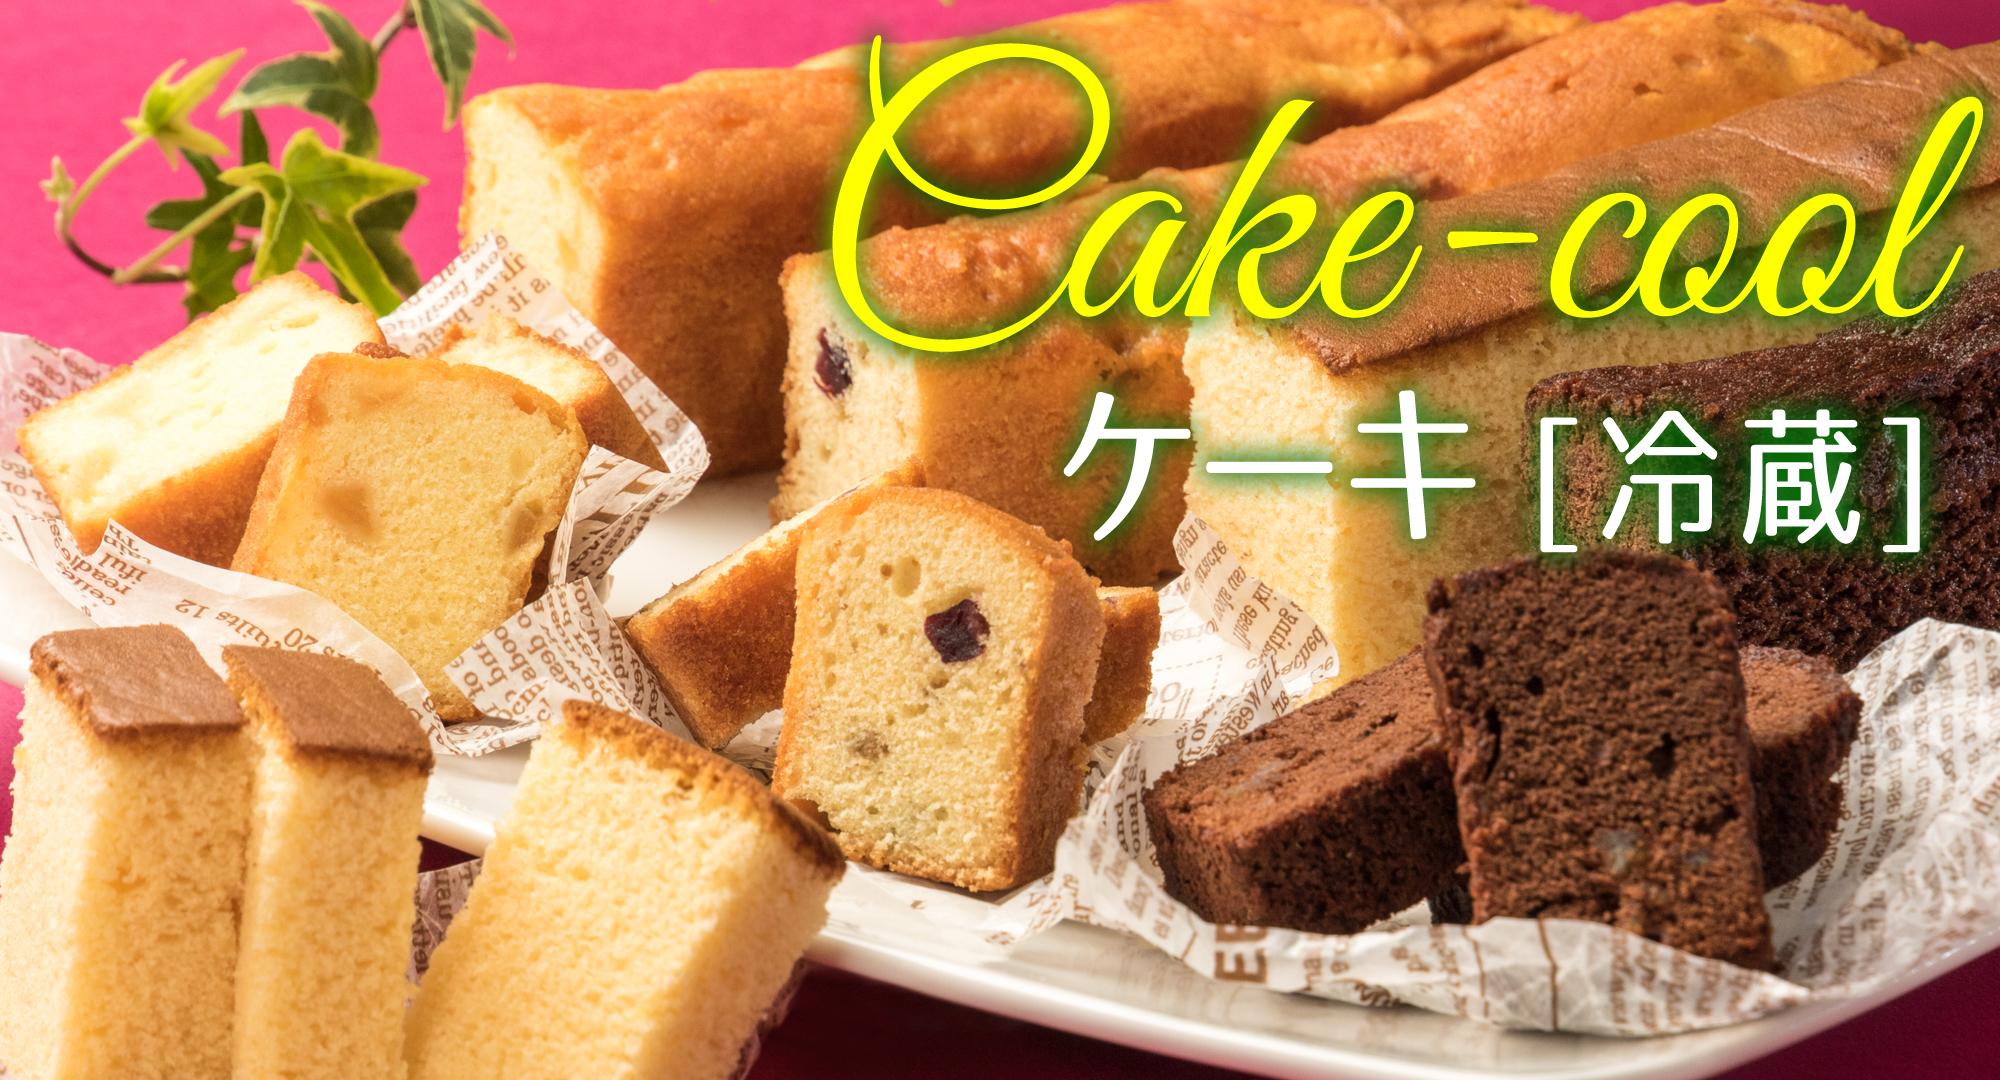 ケーキ冷蔵